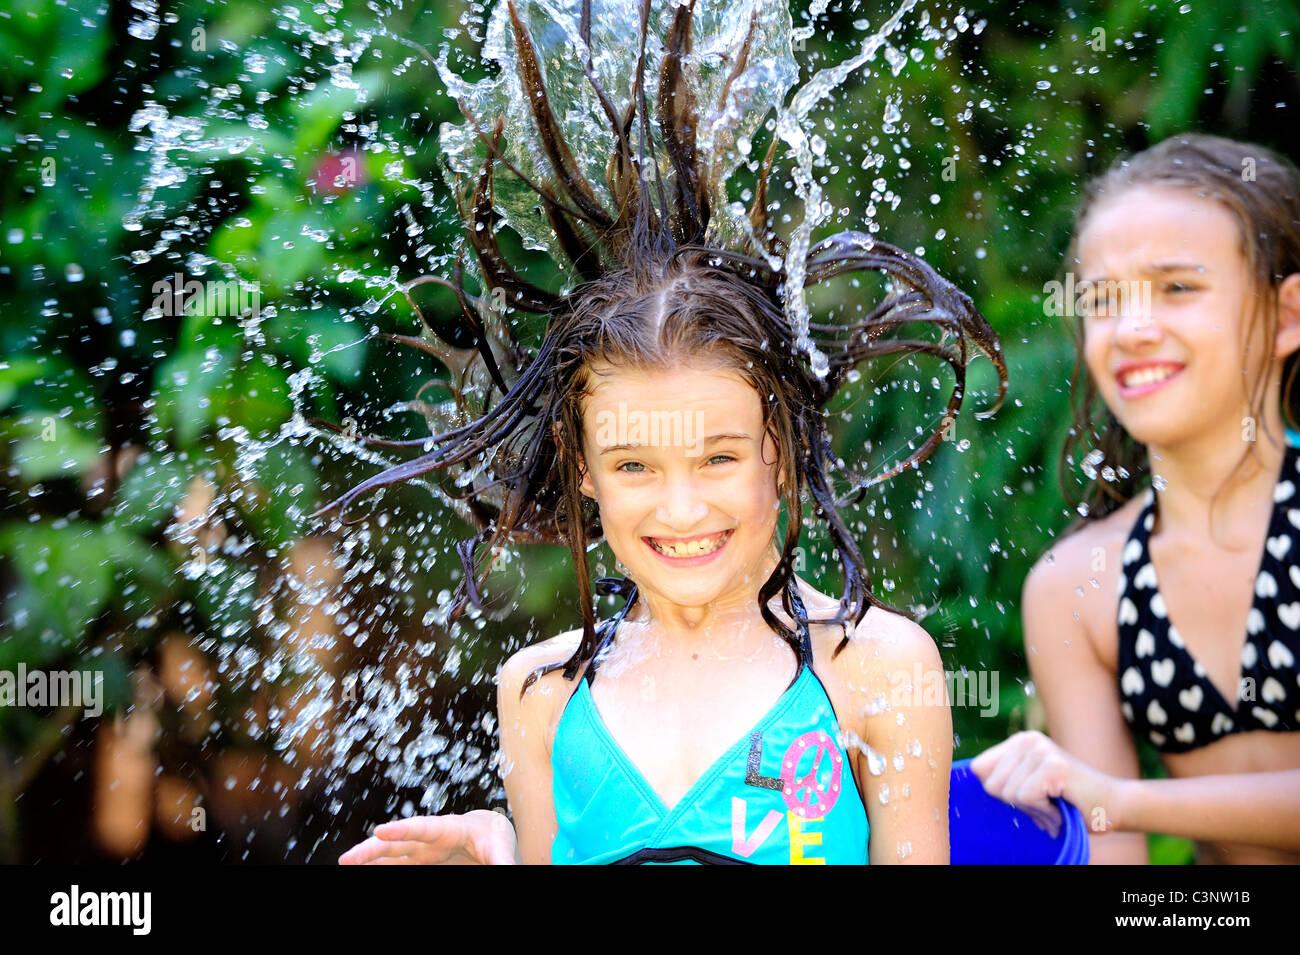 Kind (12 Jahre alt) werfen Eimer Wasser über ihre Schwester (9 Jahre alt) Stockbild